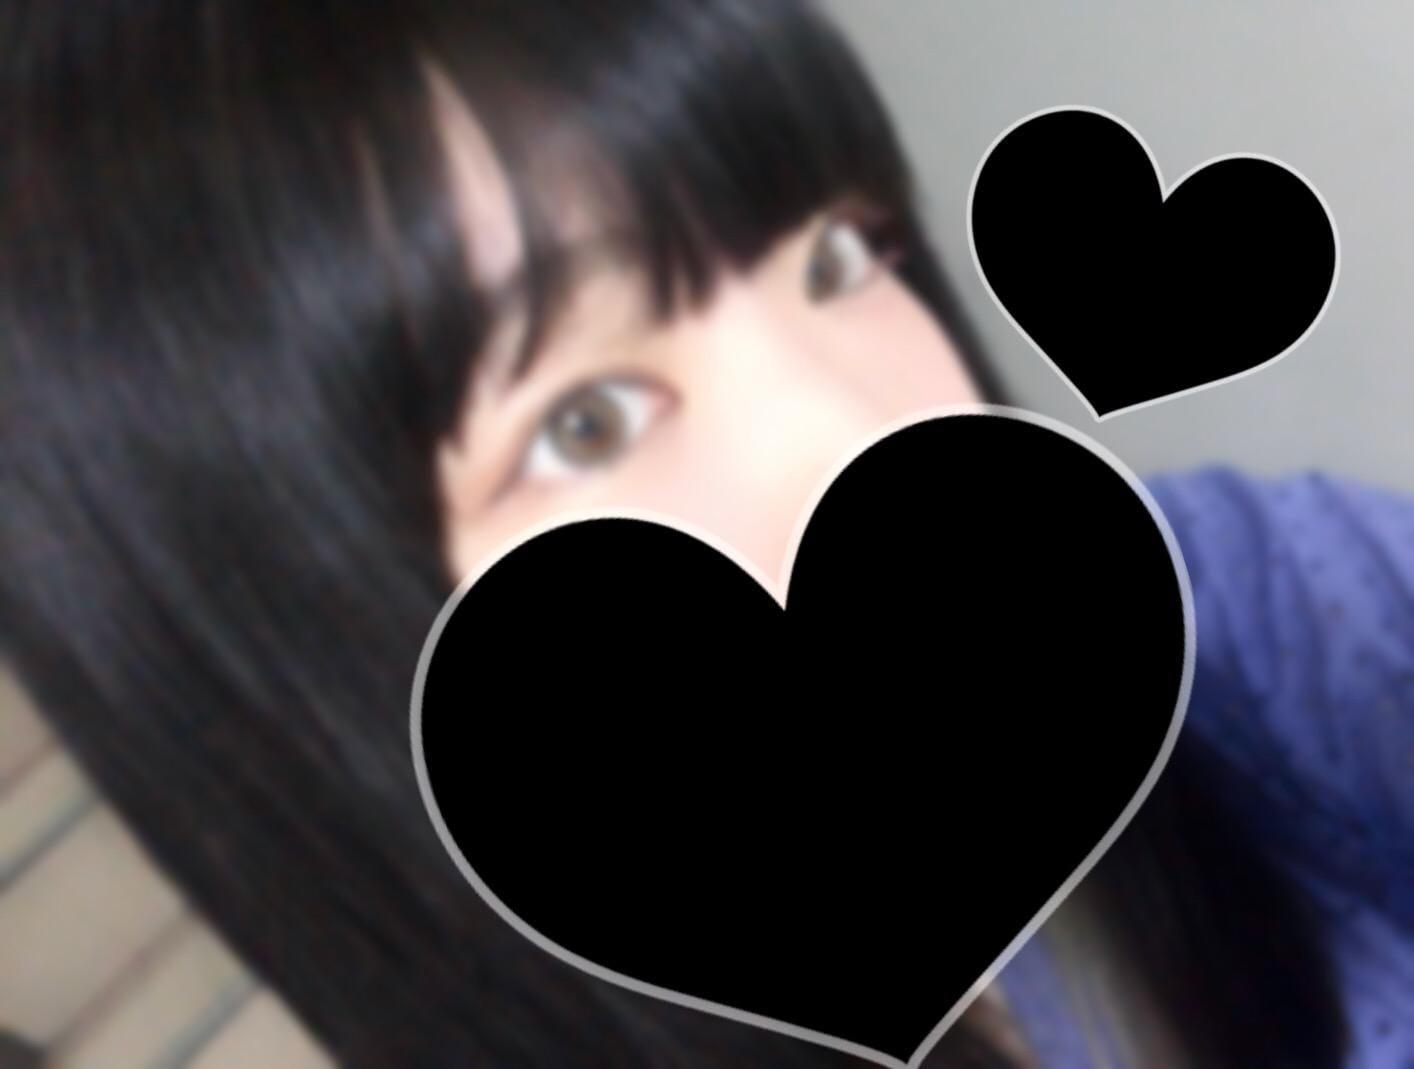 「おわりー」08/18(08/18) 02:52   みうの写メ・風俗動画